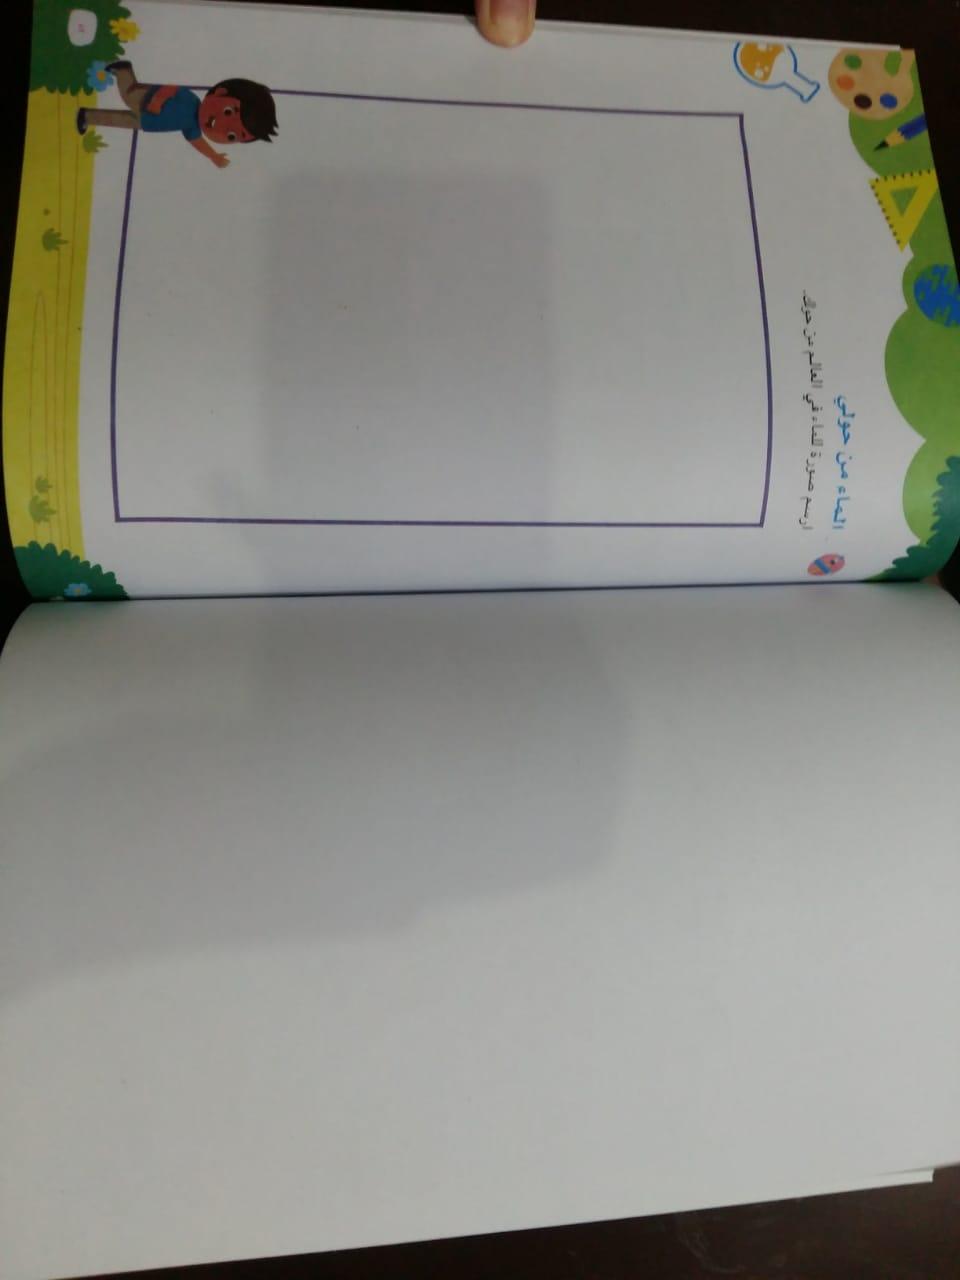 منهج رياض الأطفال الجديد (29)